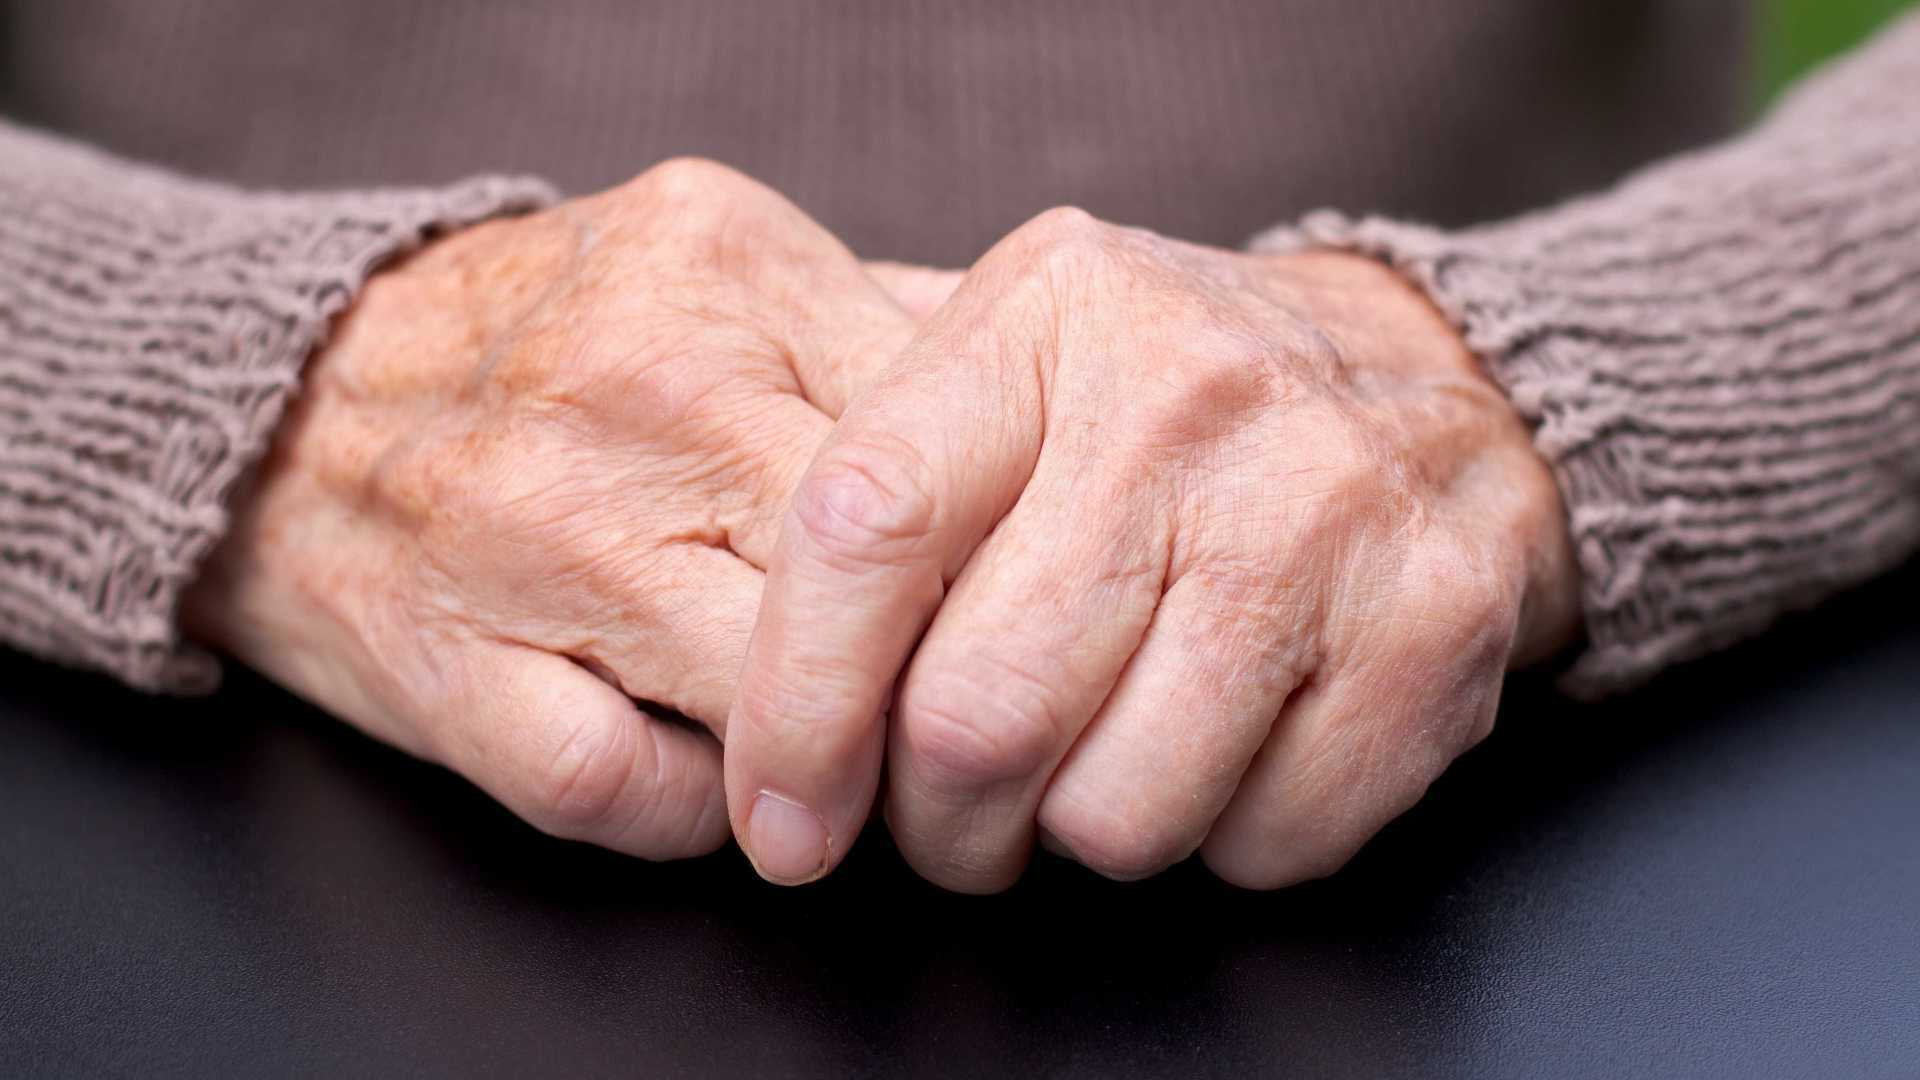 Os Sintomas de Parkinson são Reduzidos com um Transplante de Células-tronco